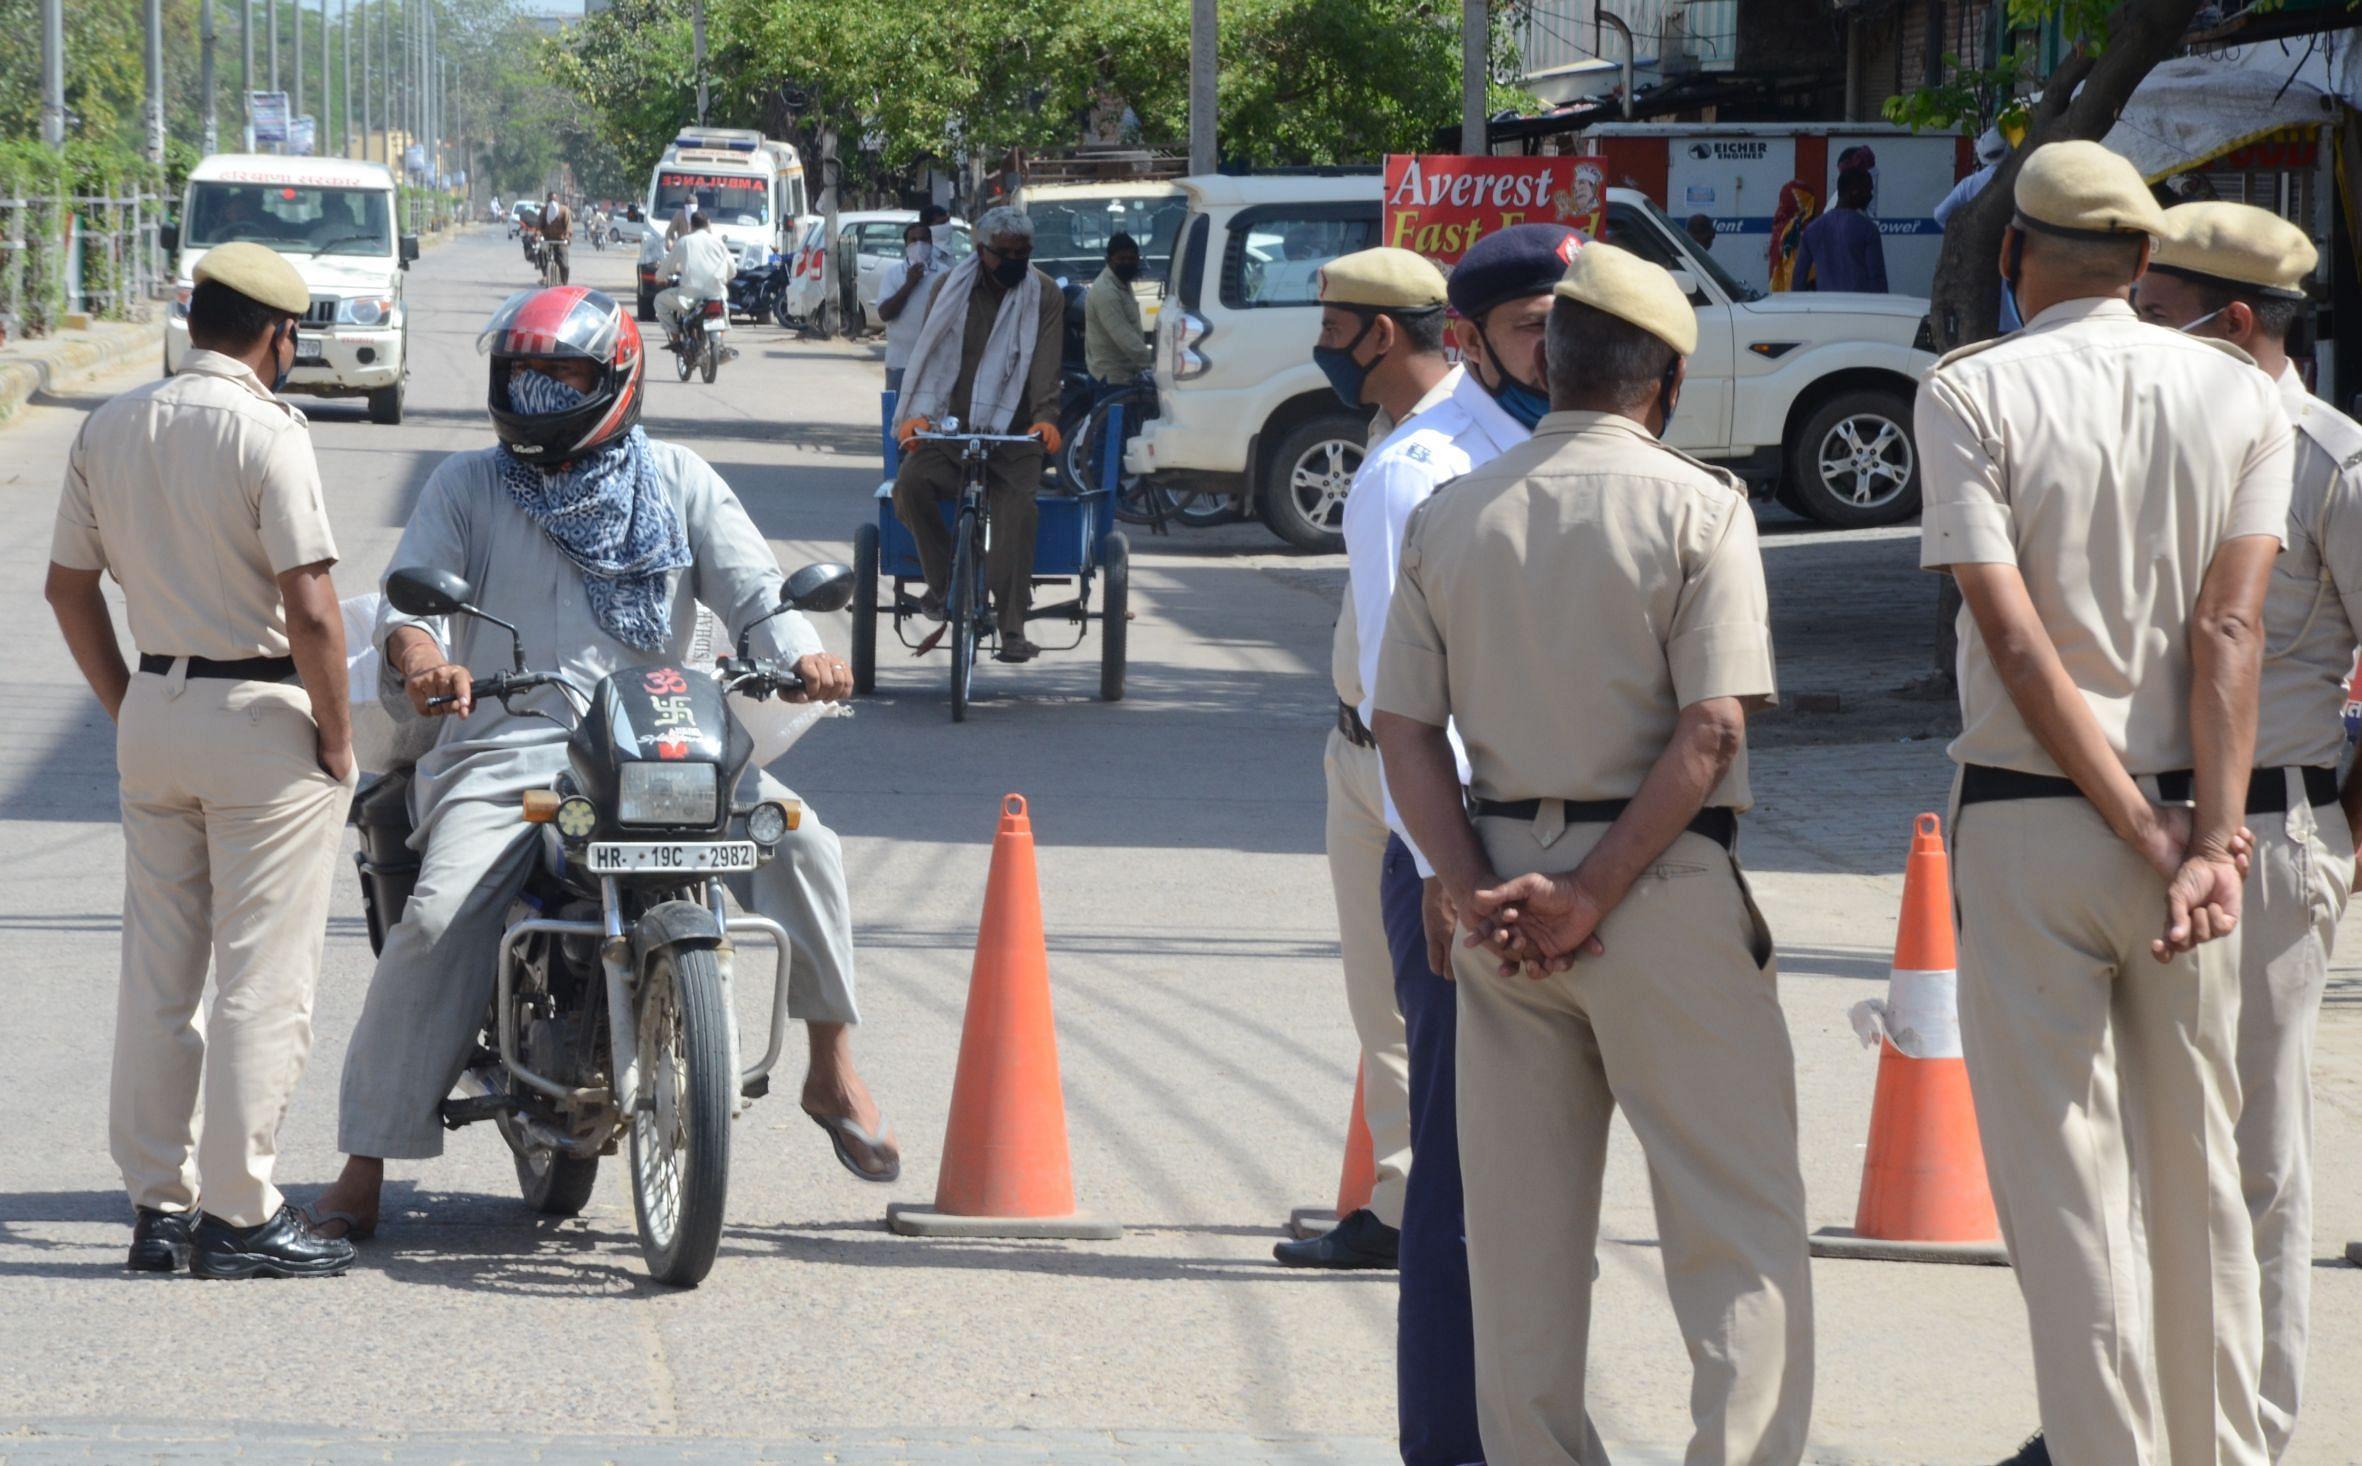 लॉकडाउन में बाहर आने वालों से पूछताछ करते पुलिसकर्मी।